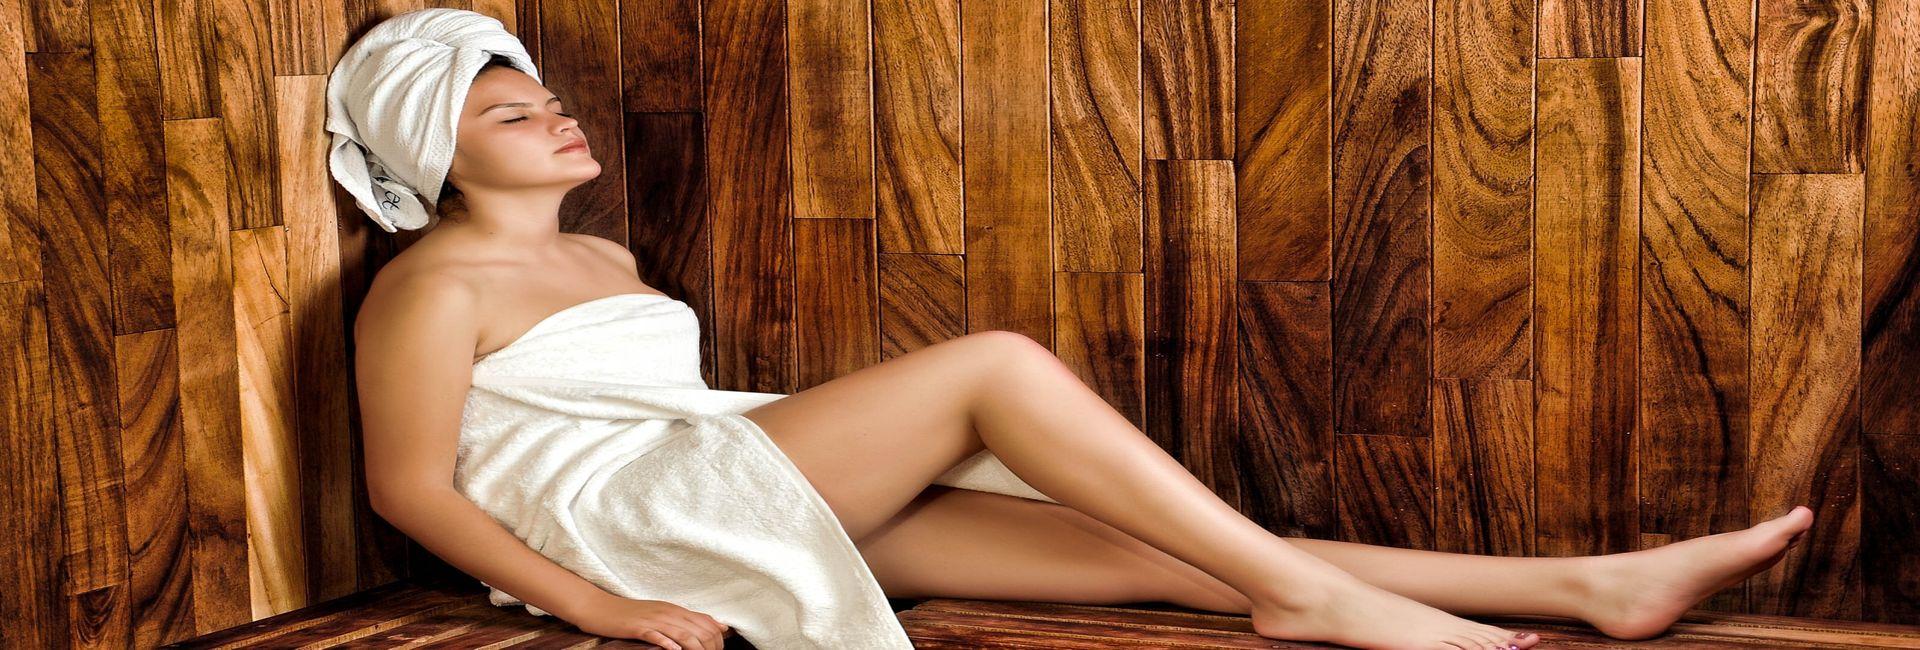 Schmuckbild Dame mit Handtuch in der Sauna